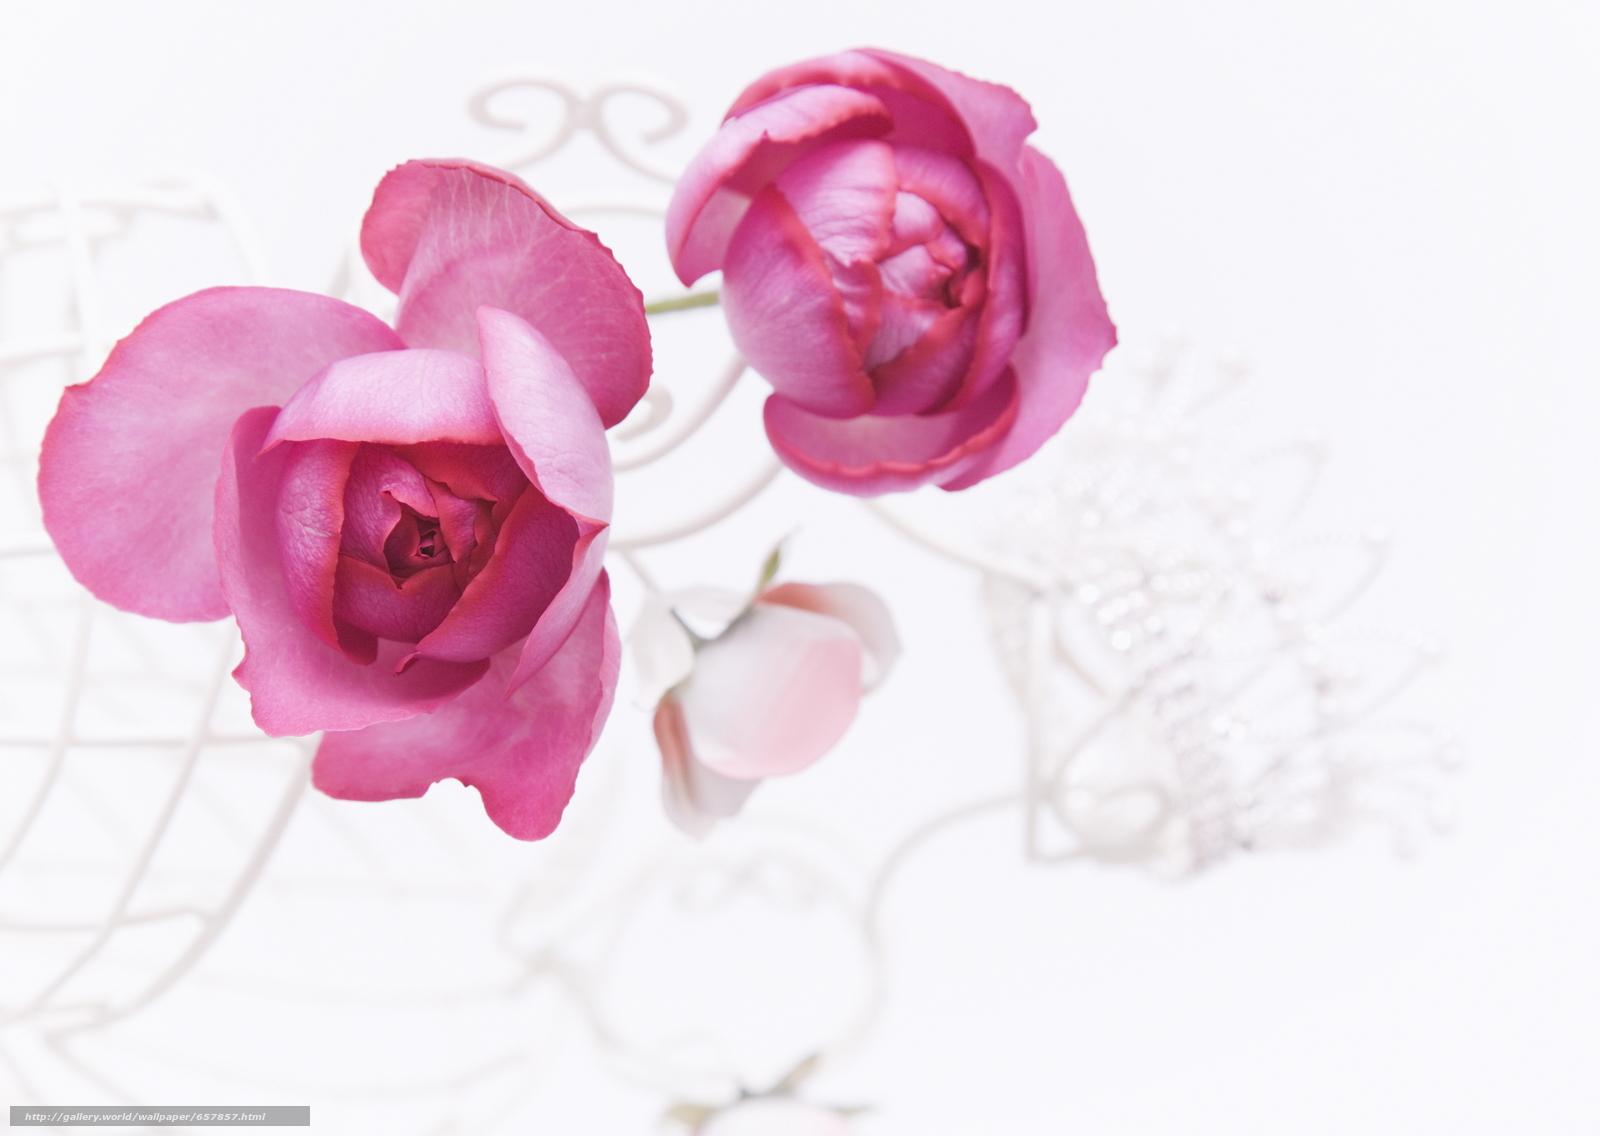 Скачать обои роза,  розы,  цветы,  композиция бесплатно для рабочего стола в разрешении 2950x2094 — картинка №657857